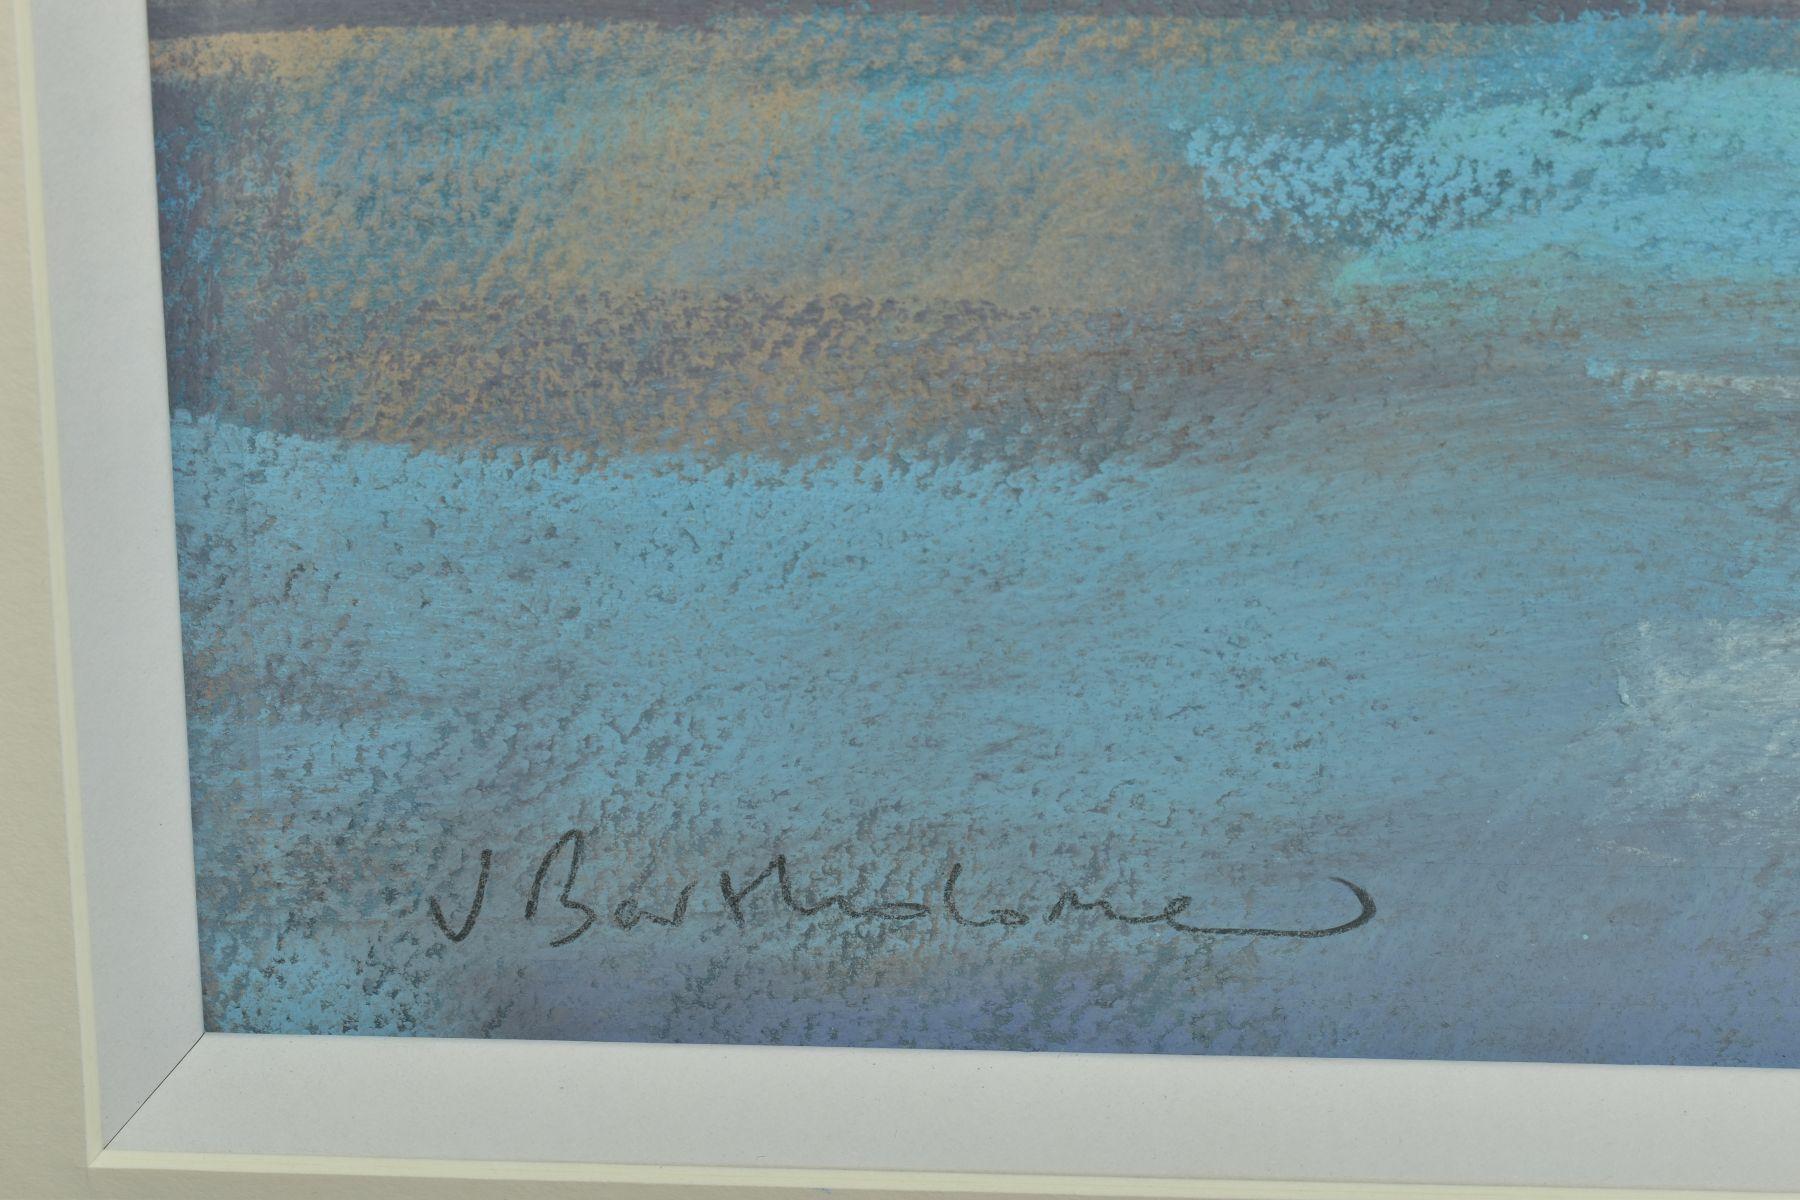 JAMES BARTHOLOMEW (BRITISH CONTEMPORARY), 'Shining Bay', a coastal landscape, signed bottom right, - Image 4 of 6